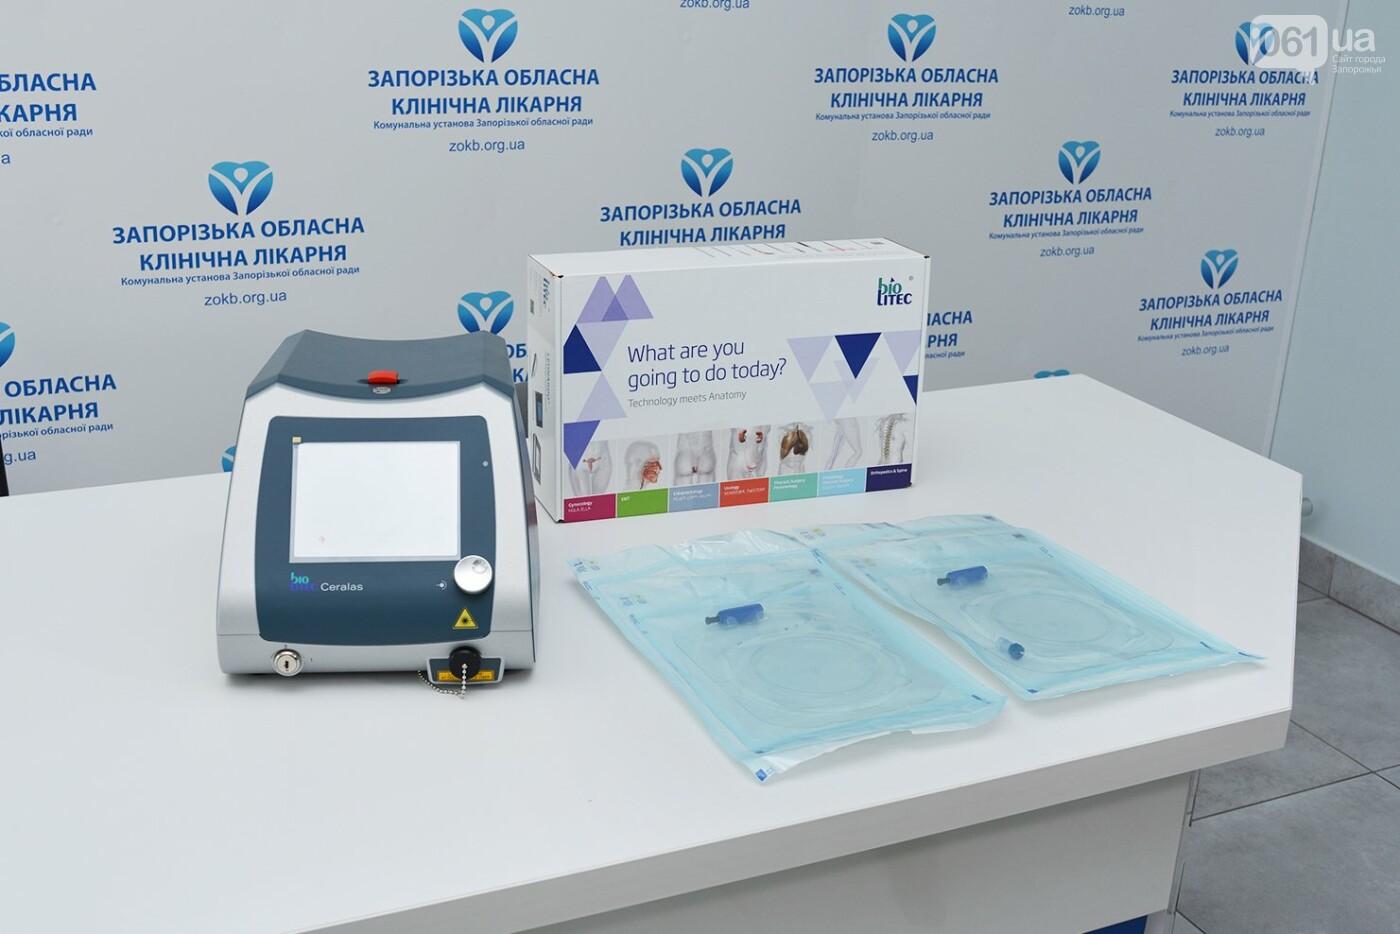 В Запорожской областной больнице появилось европейское оборудование для лечения проктологических заболеваний, фото-1